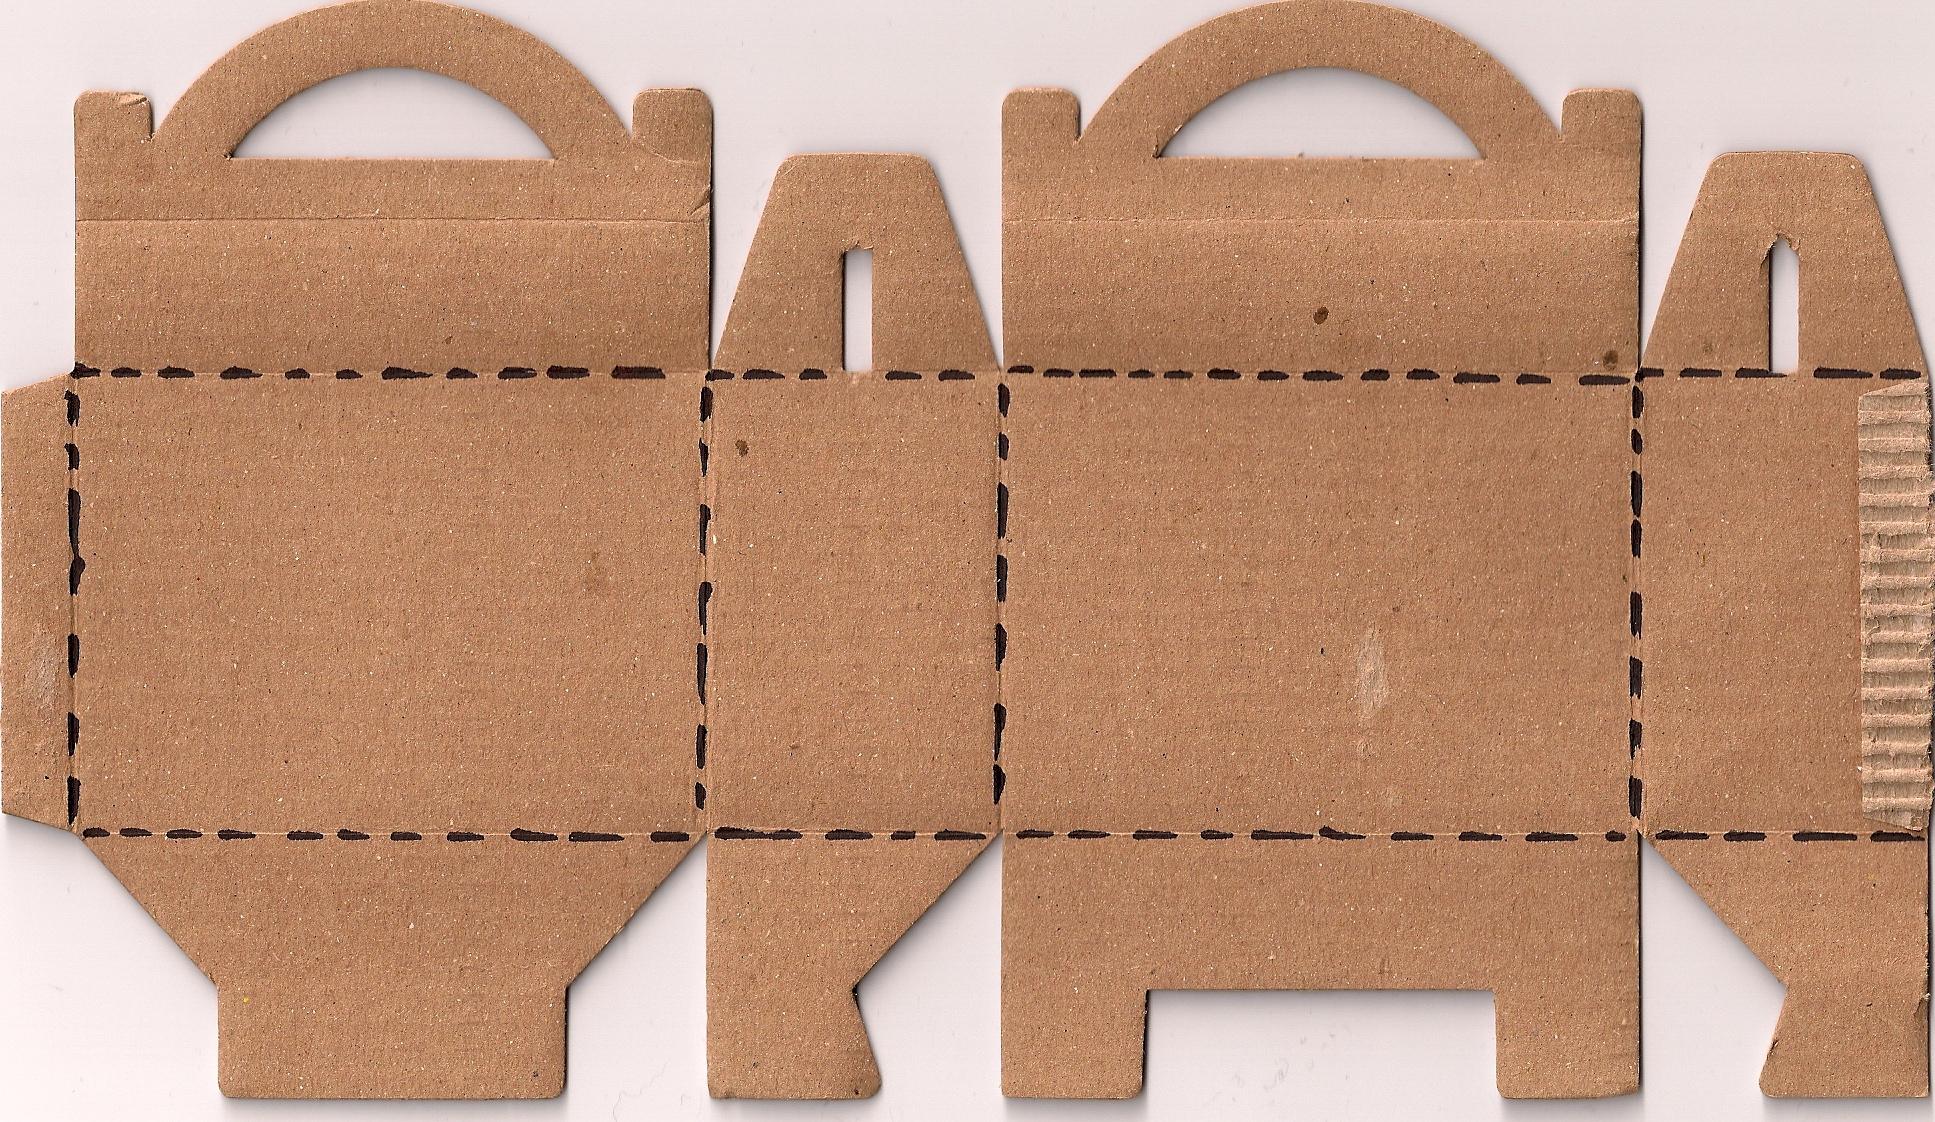 Comment Fabriquer Une Valise En Carton